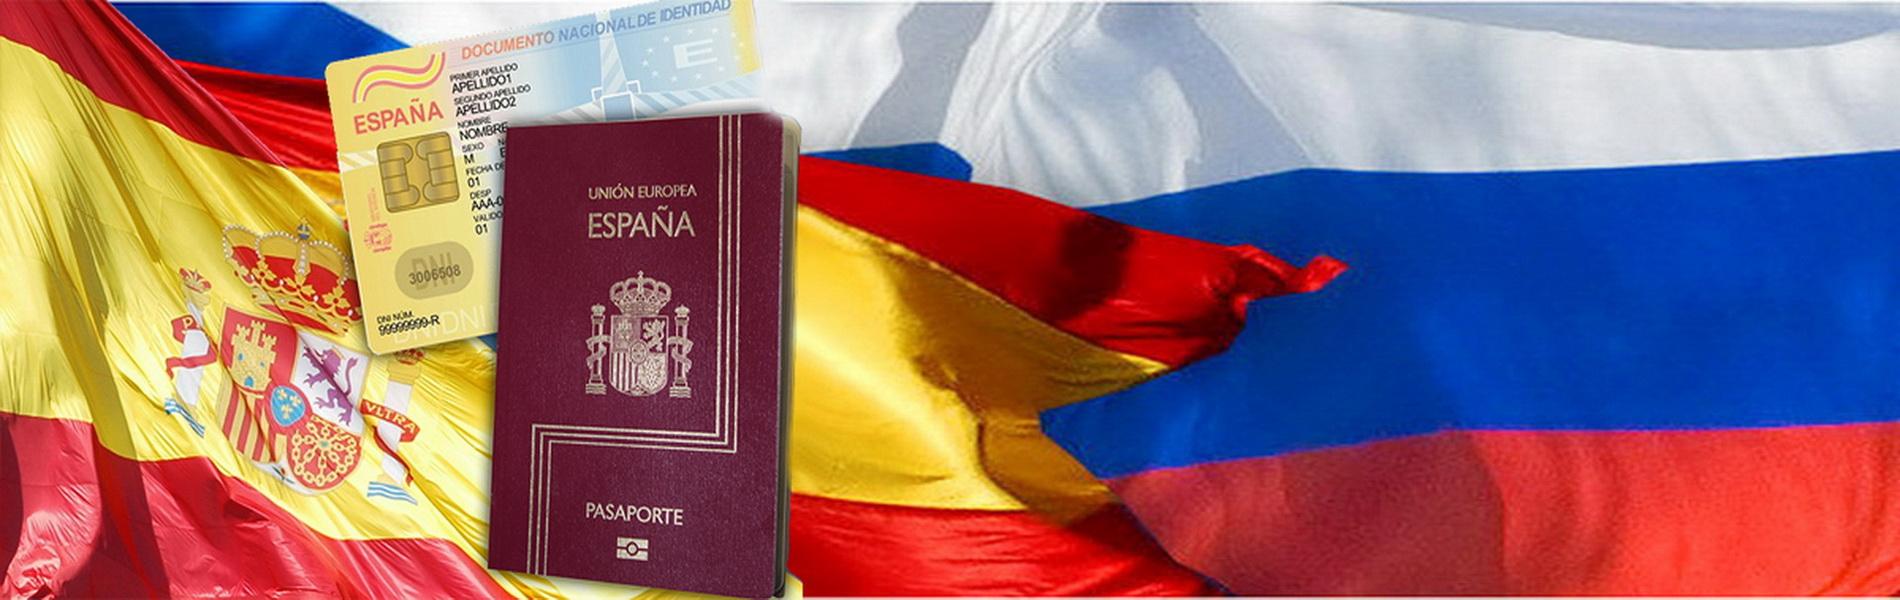 документы для вуза в испании